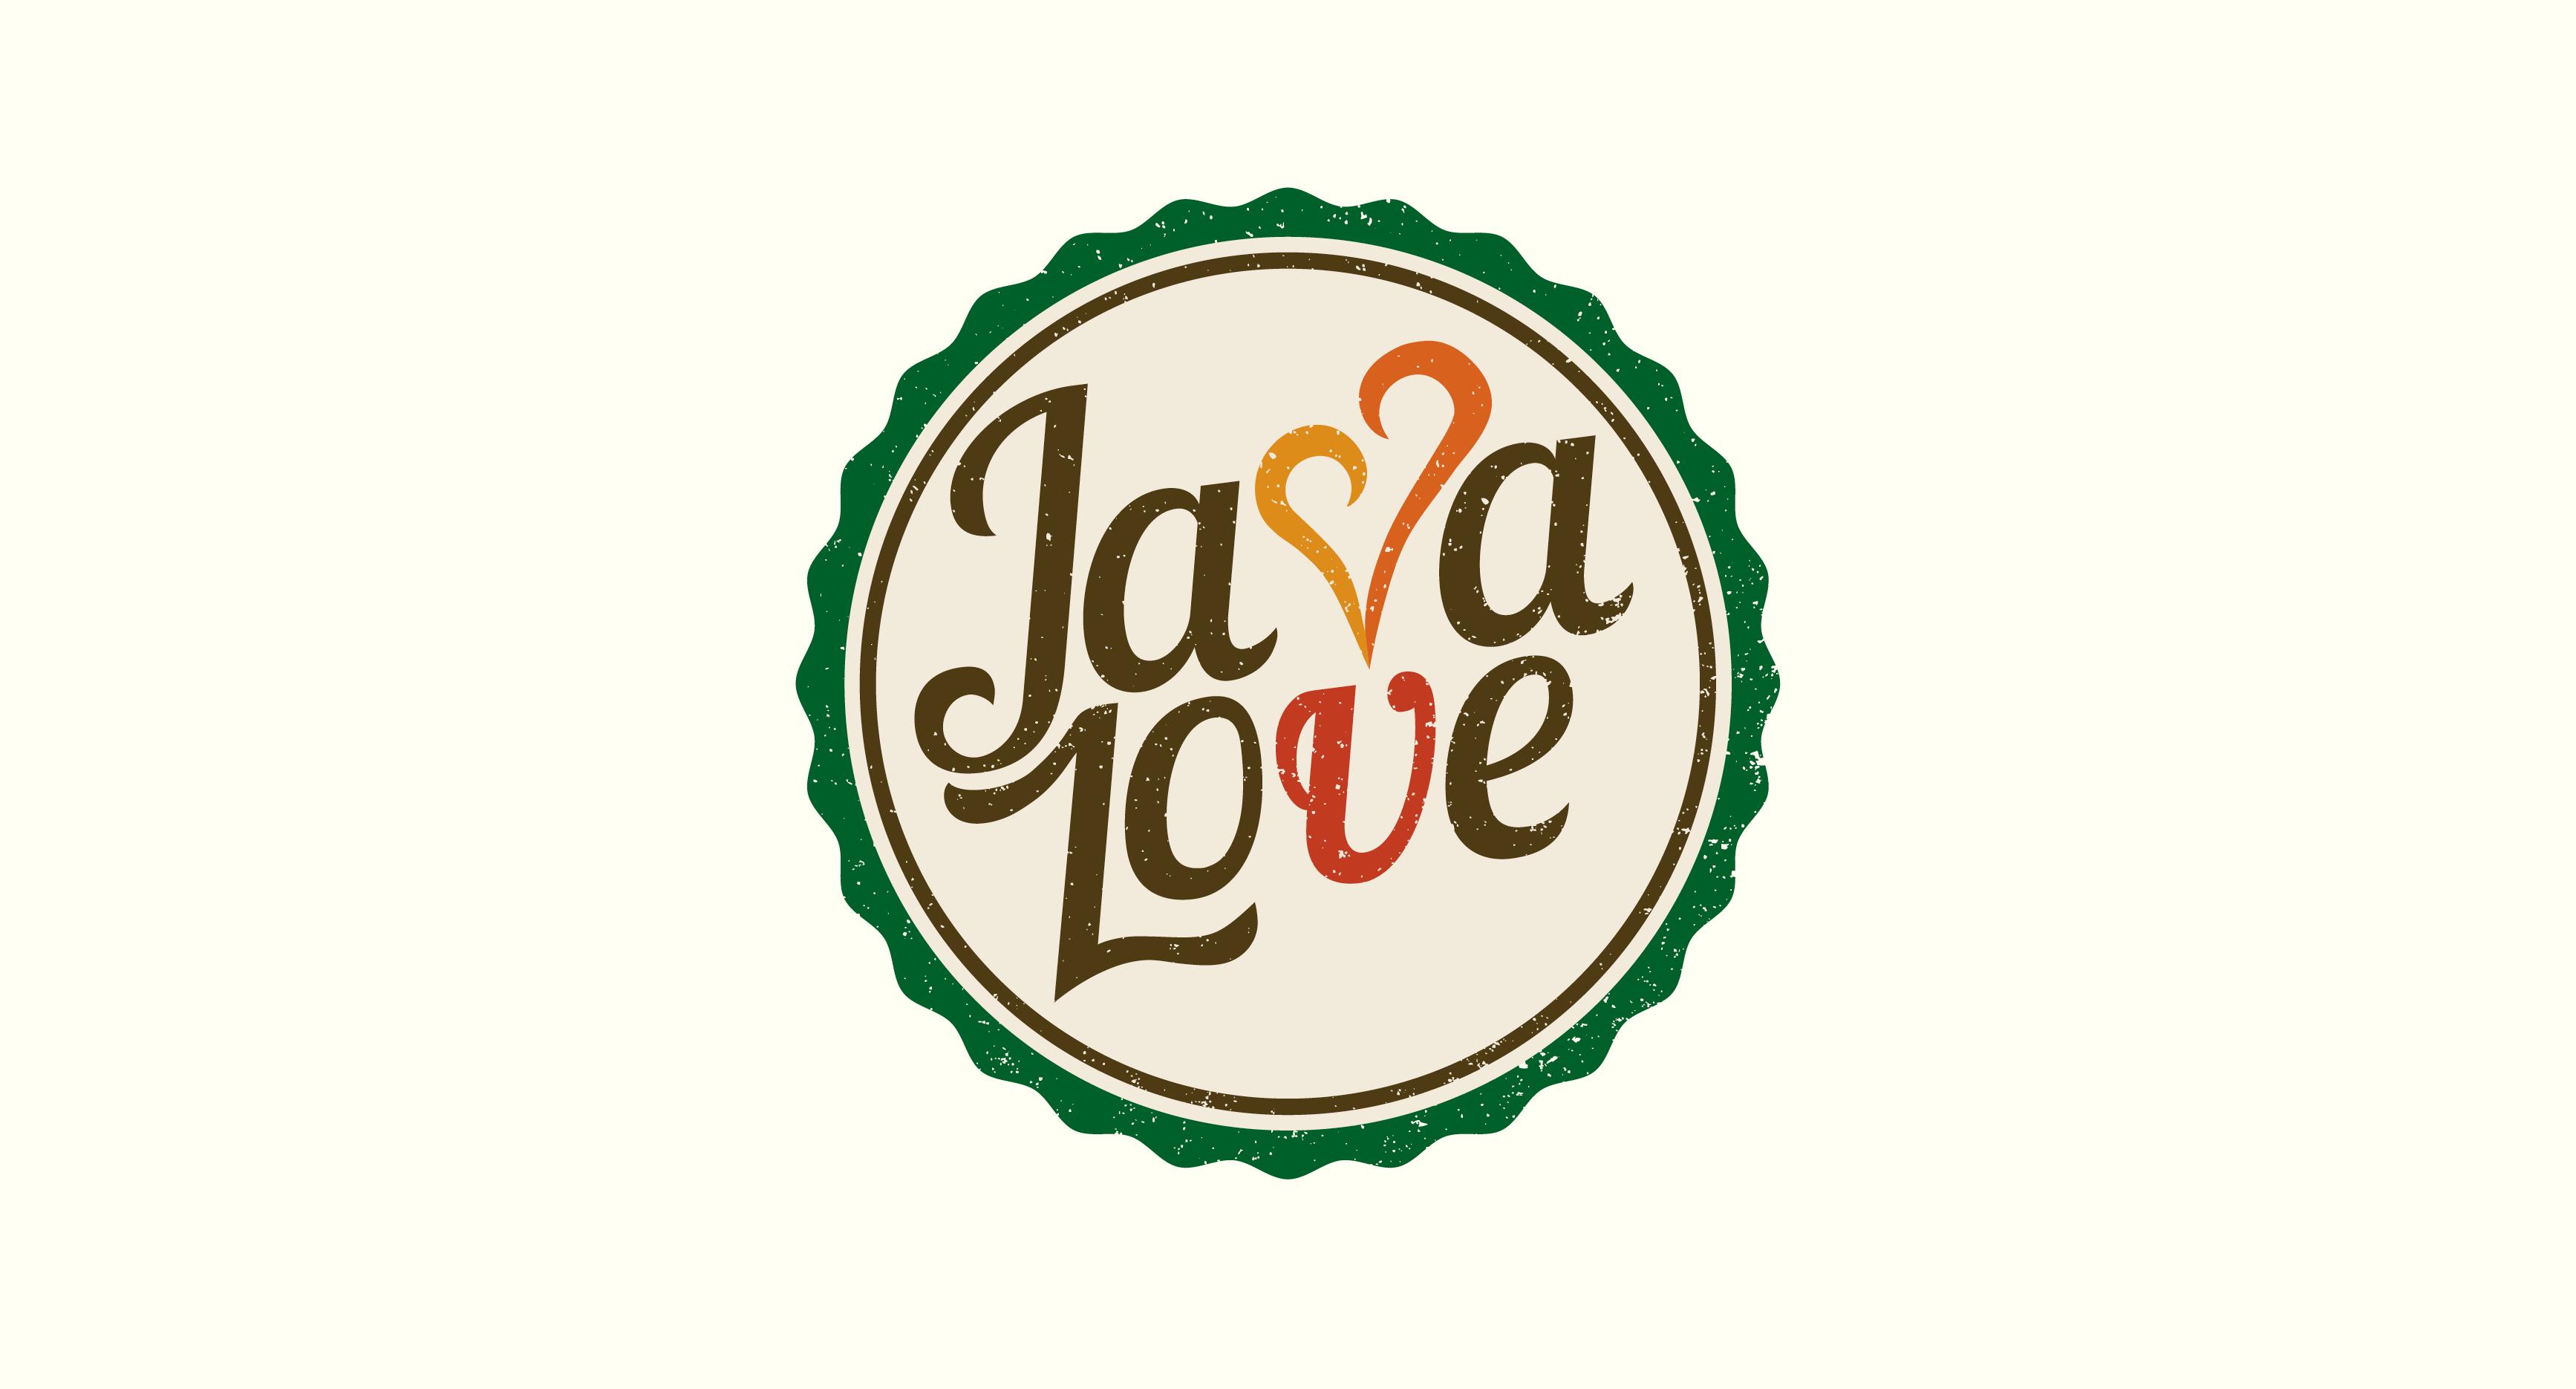 JavaLove-logo-final